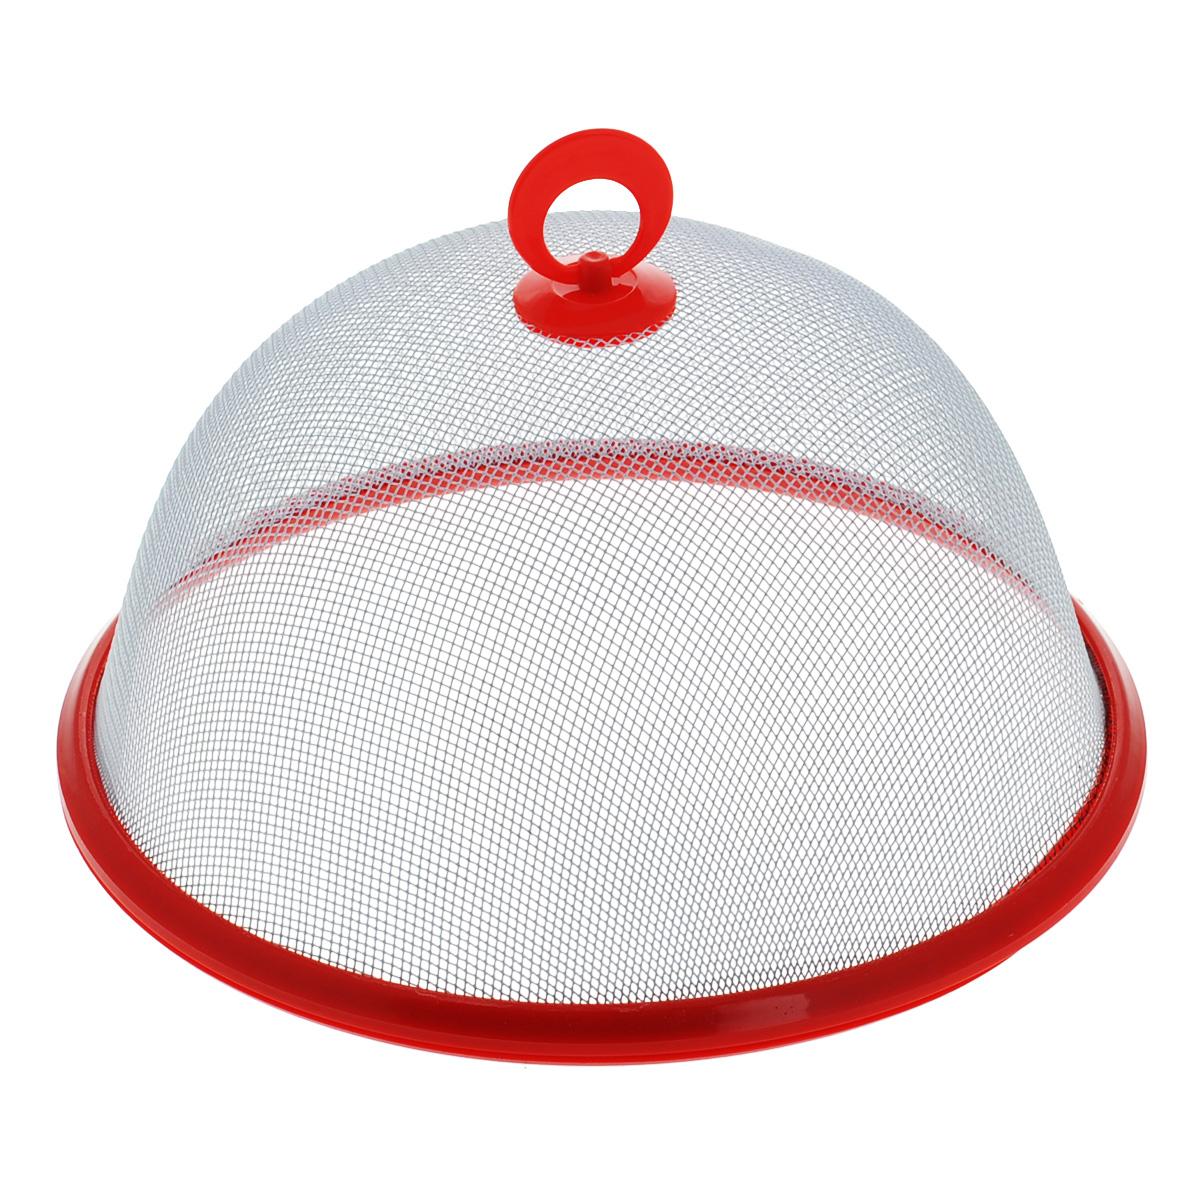 Крышка-защита от насекомых Regent Inox Linea Pronto, диаметр 26 см040 90 118Крышка Regent Inox Linea Pronto выполнена из высококачественной нержавеющей стали. Крышка представляет собой прочную сетку на пластиковом ободке. Она станет надежной защитой от насекомых, в то же время крышка полностью воздухопроницаемая. Изделие оснащено удобной пластиковой ручкой.